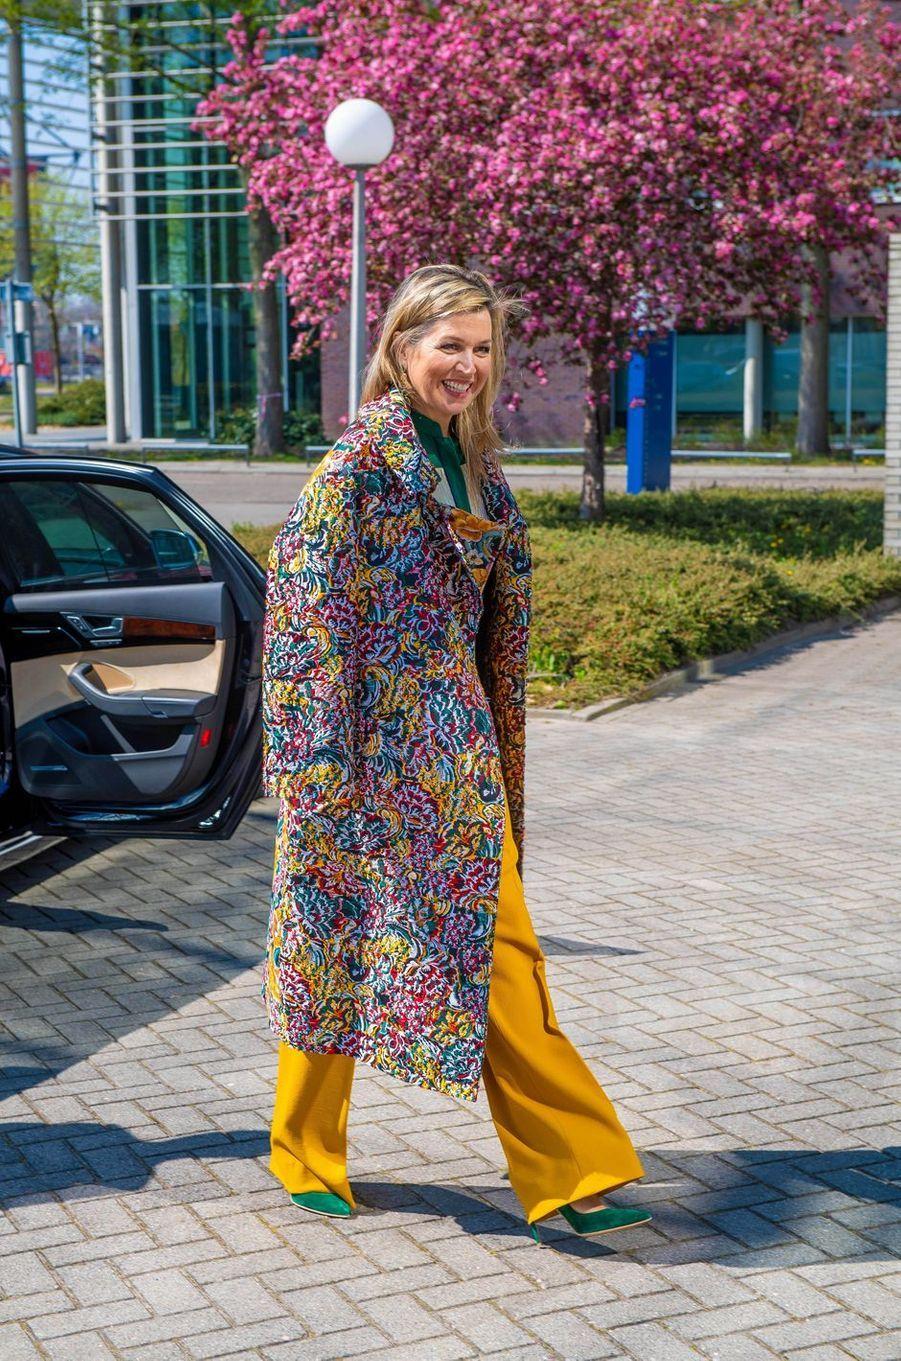 La reine Maxima des Pays-Bas à son arrivée à Enschede, le 16 avril 2020